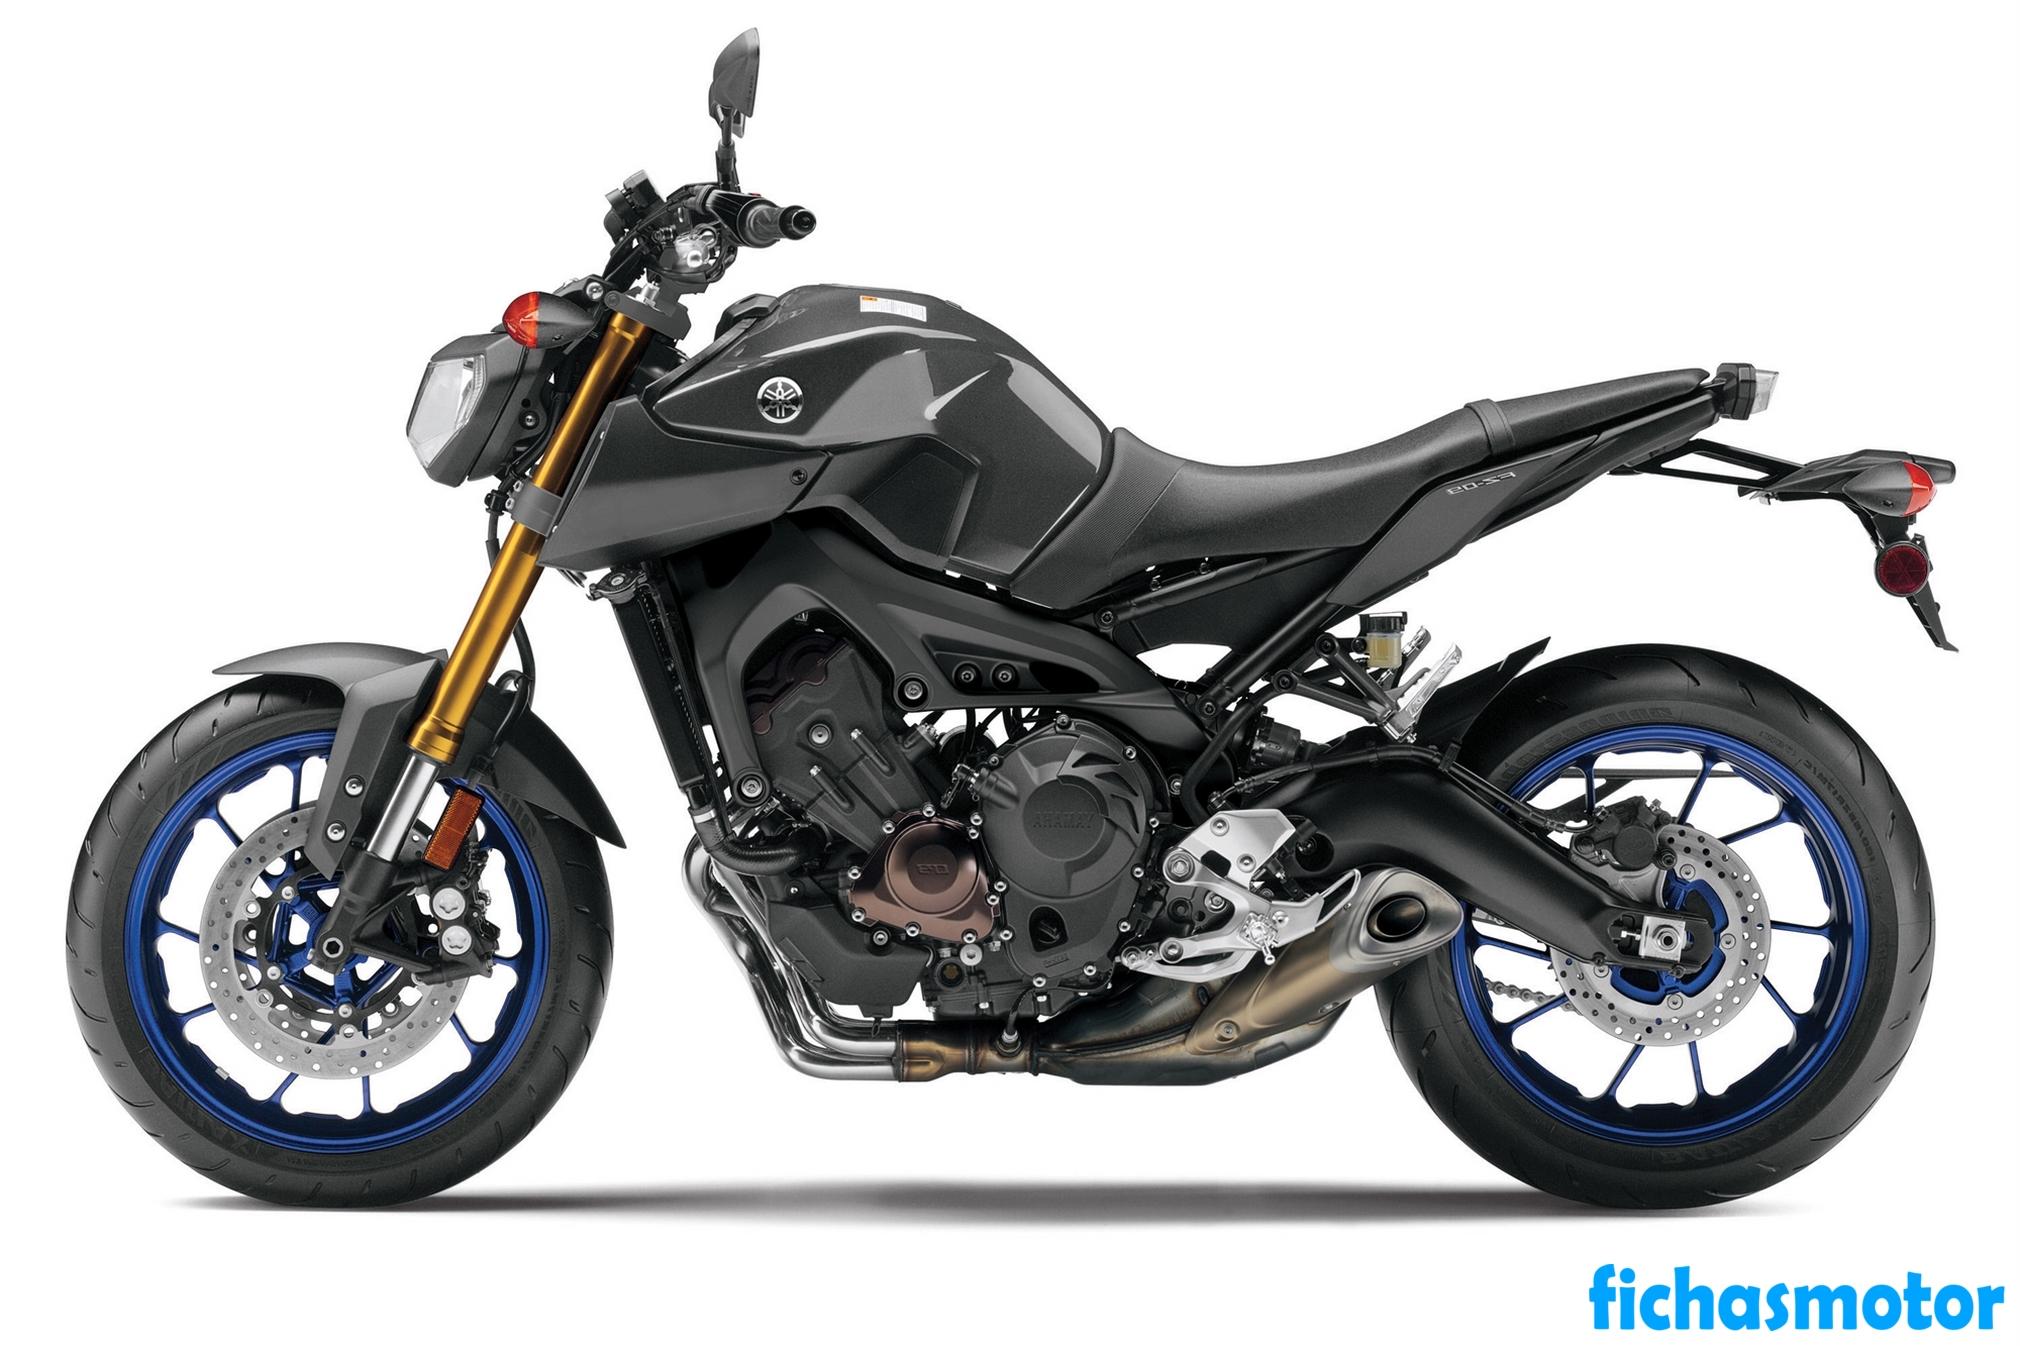 Ficha técnica Yamaha fz-09 2014